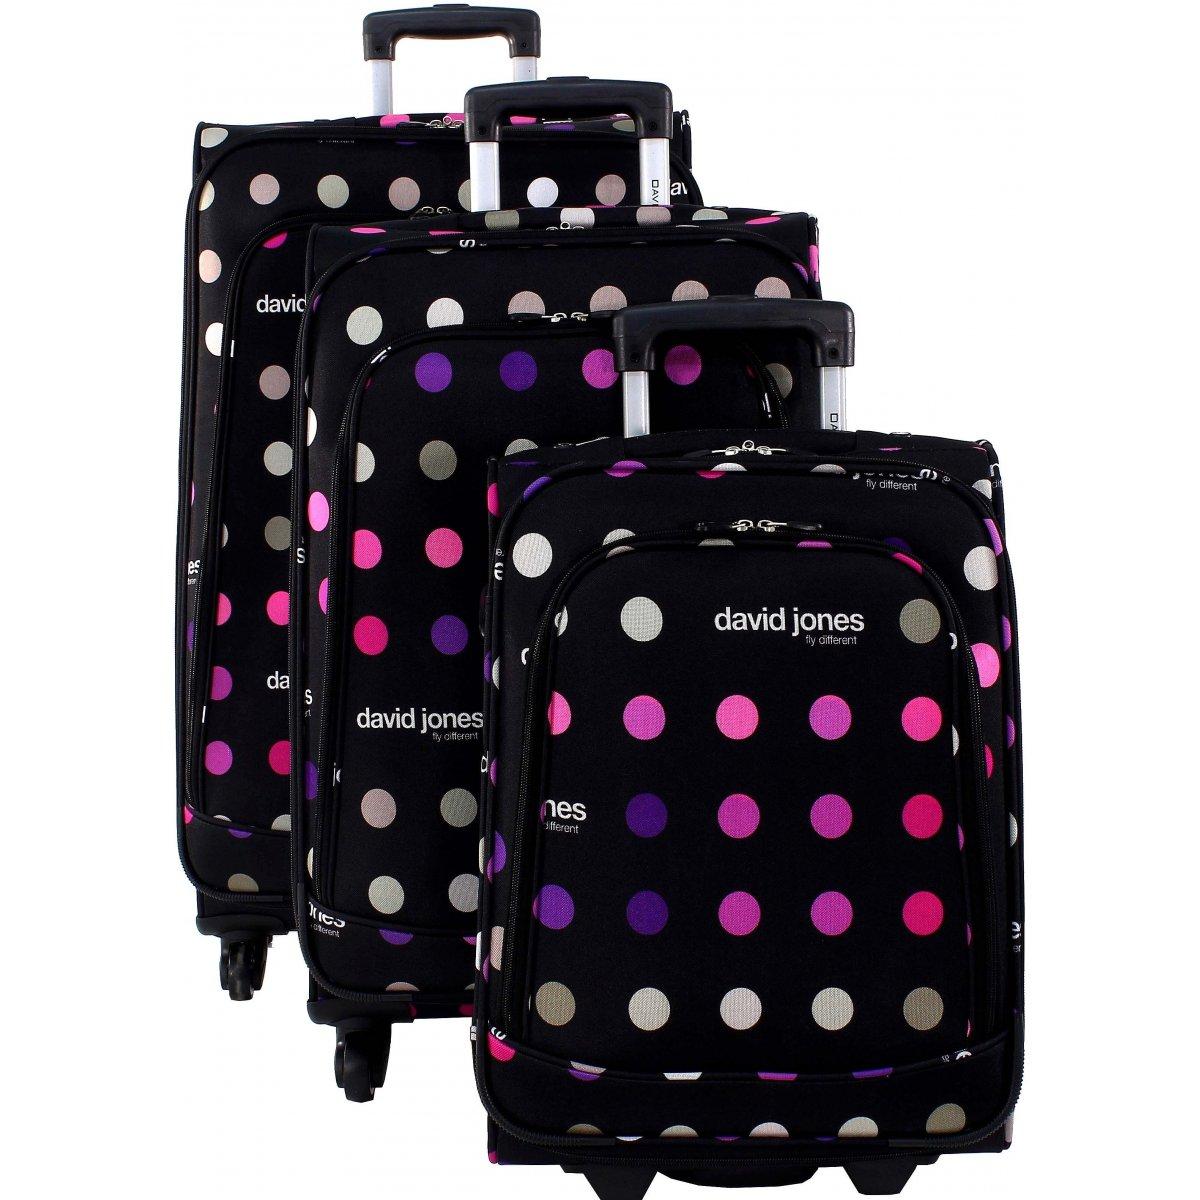 lot 3 valises dont 1 cabine ryanair david jones r20003 couleur principale pois petits. Black Bedroom Furniture Sets. Home Design Ideas